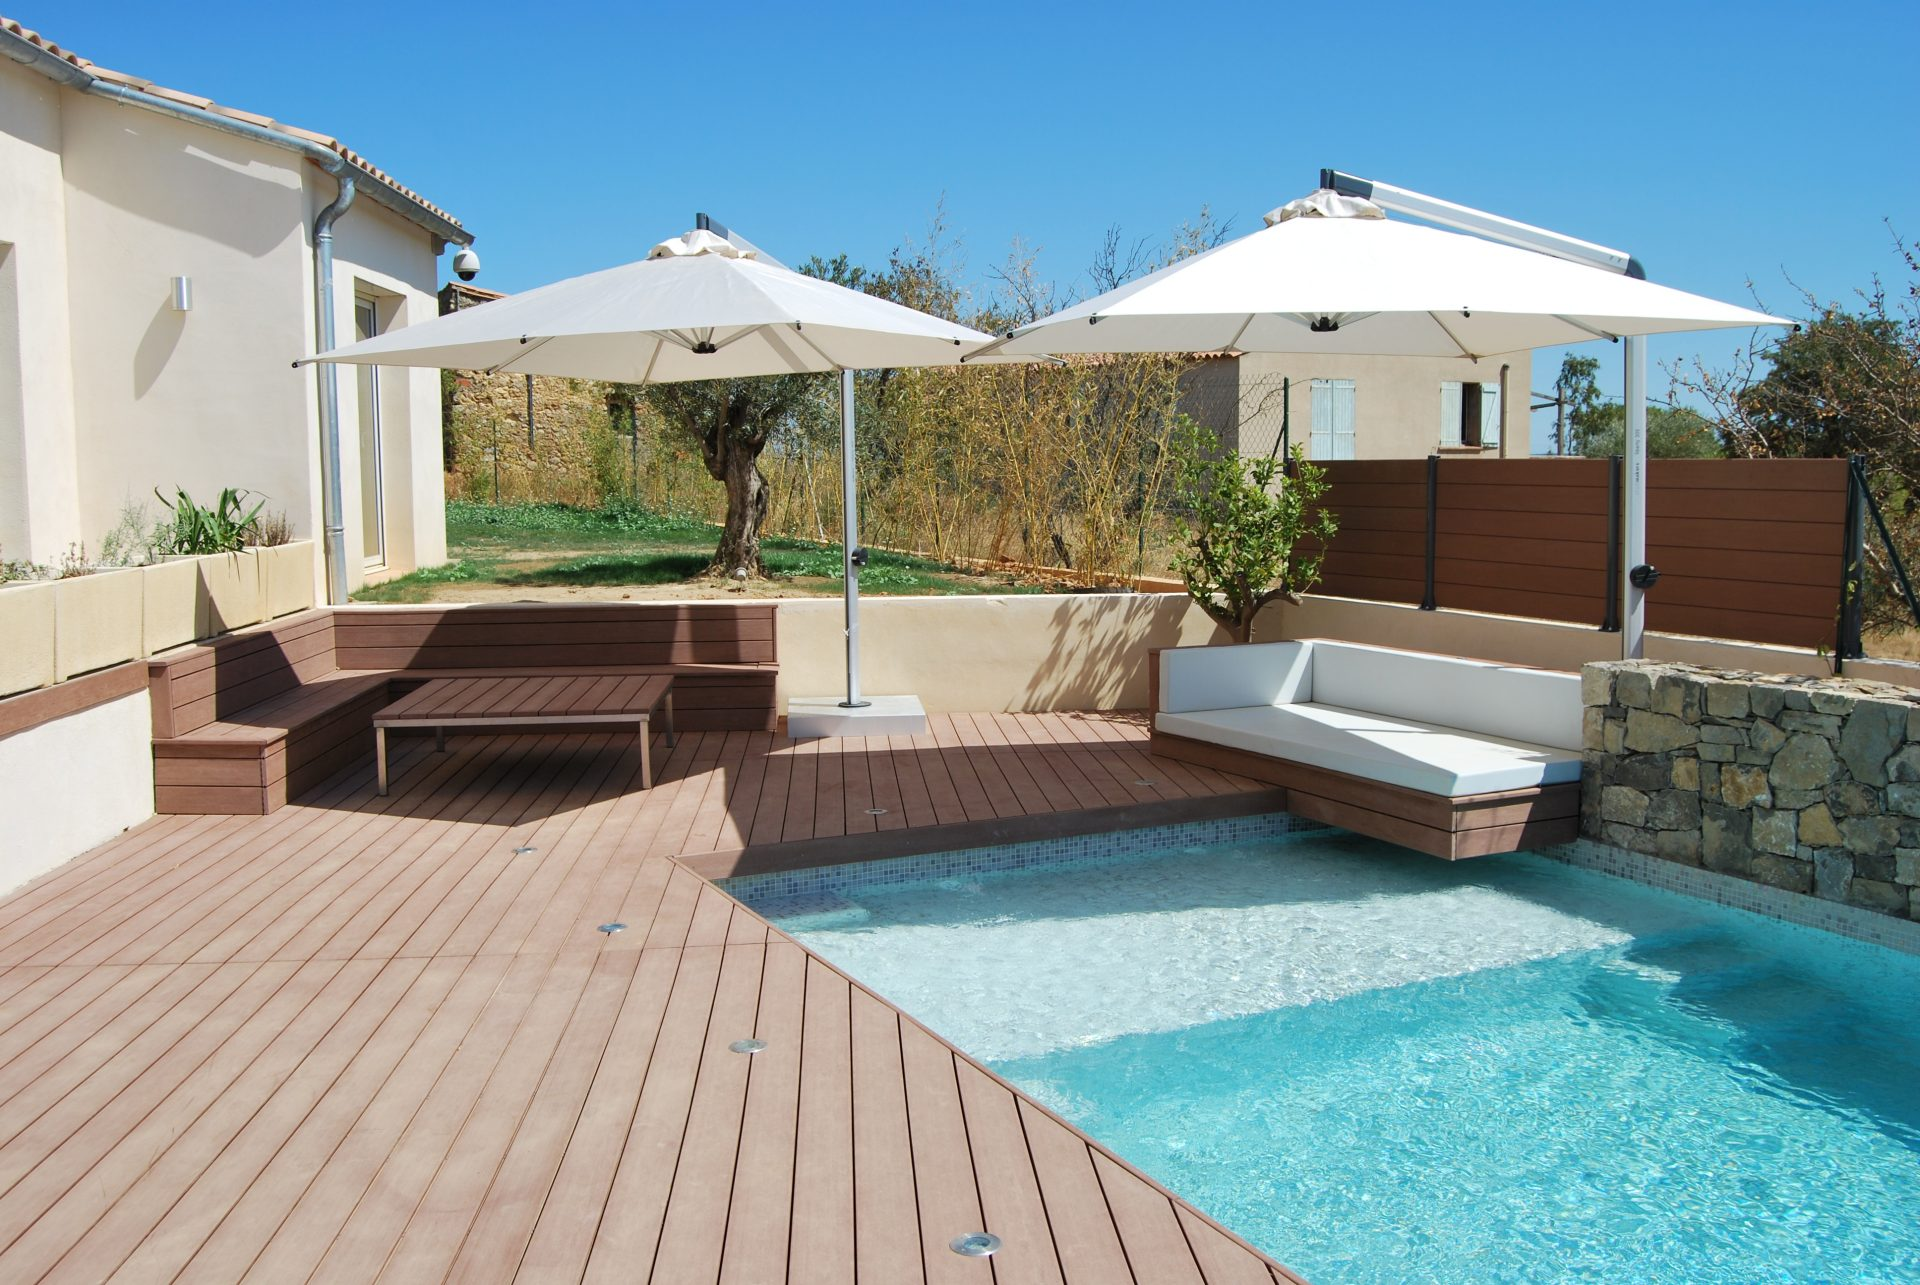 WPC Perfekt für die Terrasse am Pool